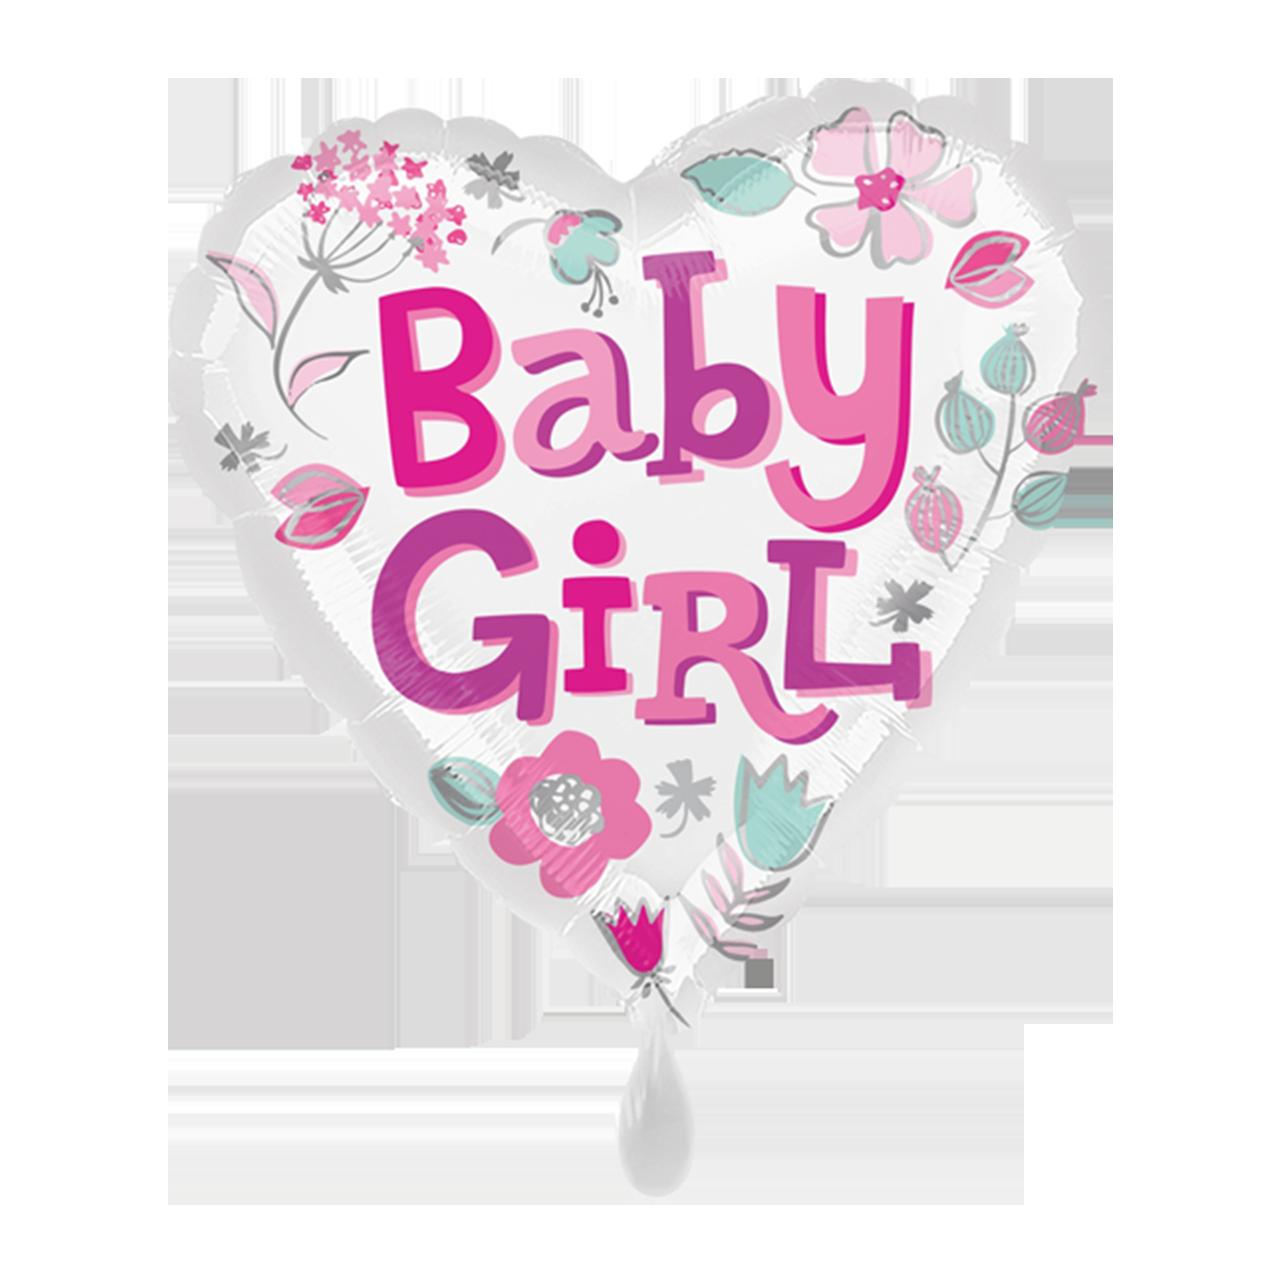 Baby Girl Herz - Folienballon